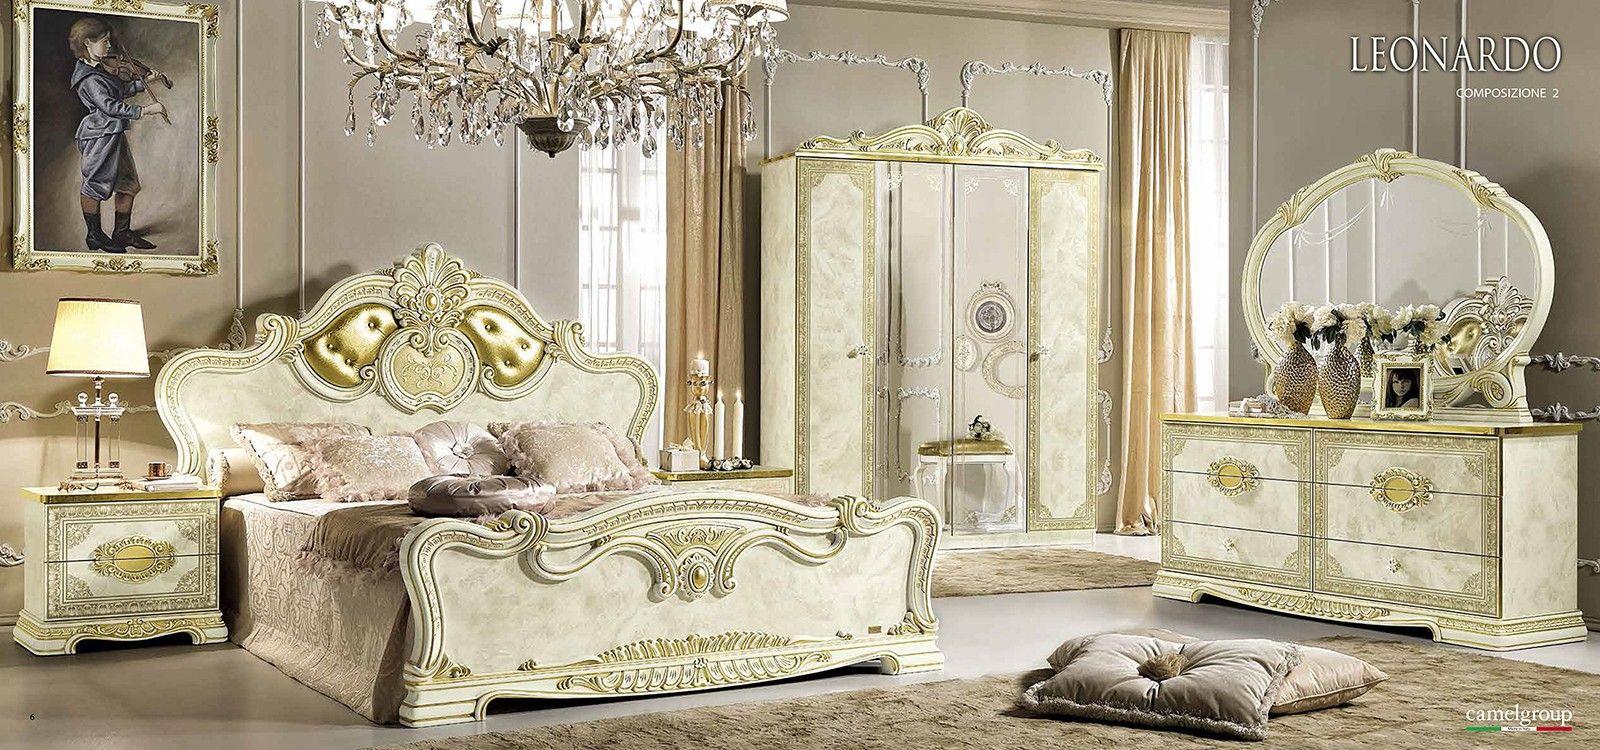 Esf Furniture Leonardo 4 Door Wardrobe In Ivory Classic Bedroom